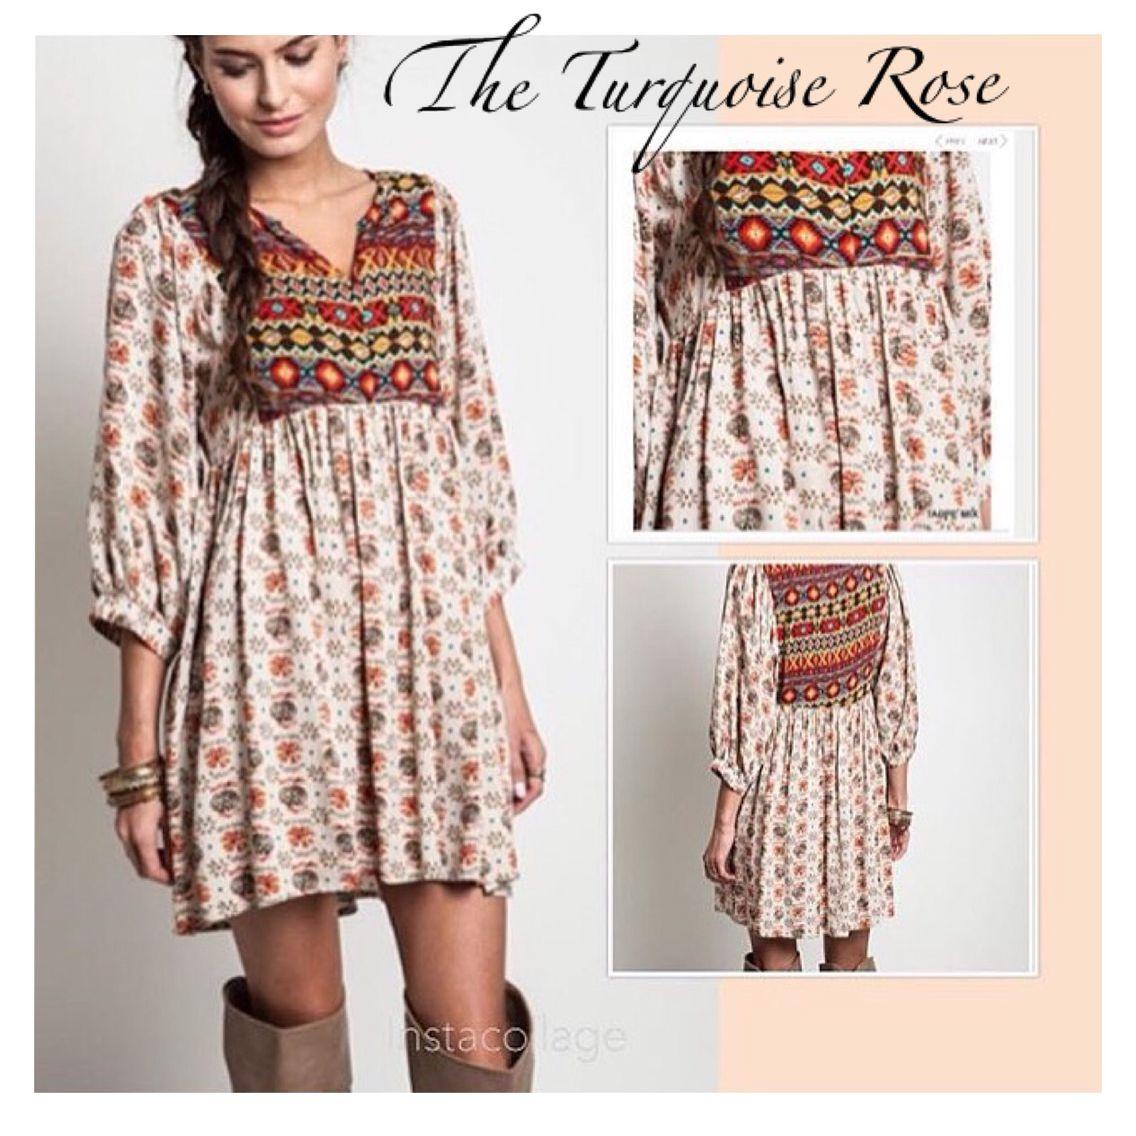 www.theturquoiseroseboutique.com Instagram: @the_turquoise_rose_btq The Turquoise Rose Boutique